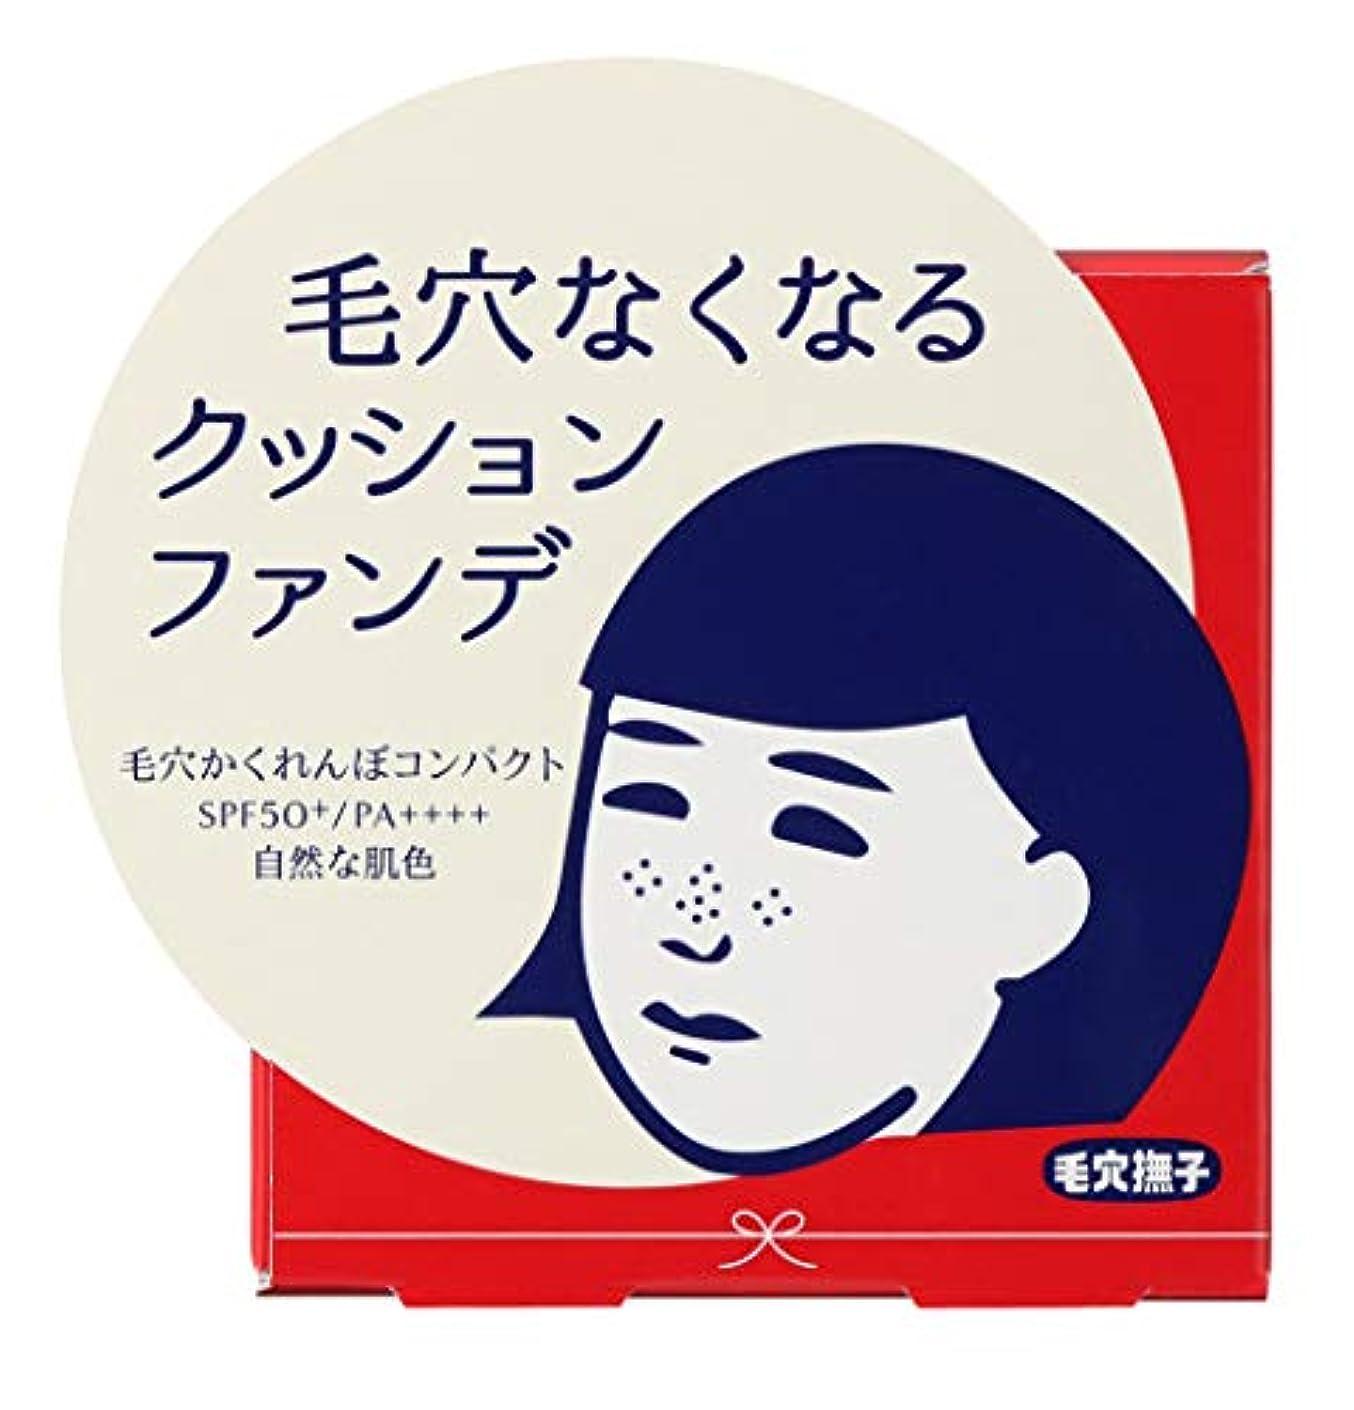 郵便物キリスト教マッサージ毛穴撫子 毛穴かくれんぼコンパクト(自然な肌色)